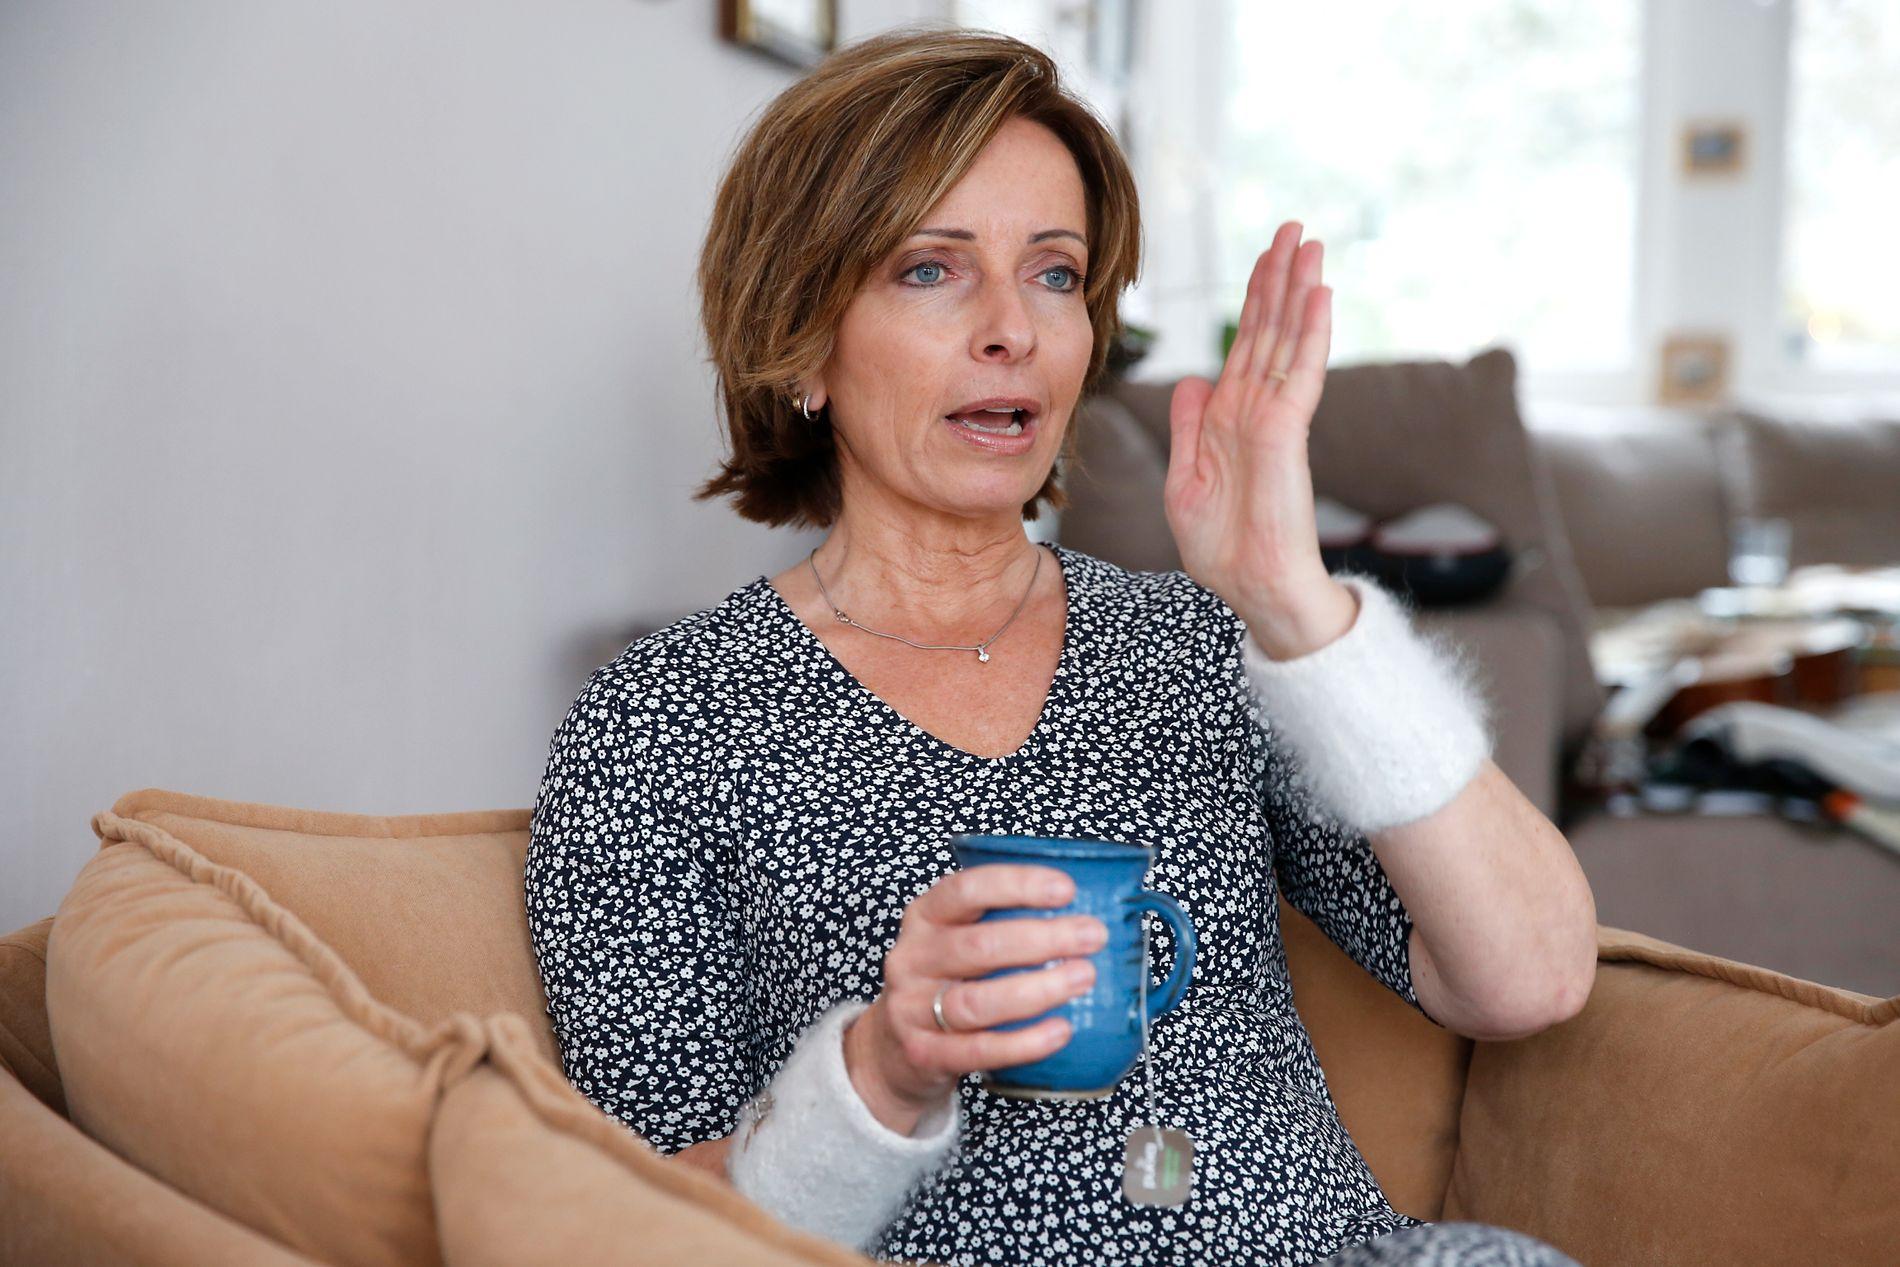 BOKAKTUELL: Tidligere polititopp Hanne Kristin Rohde har slått seg opp som krimforfatter.